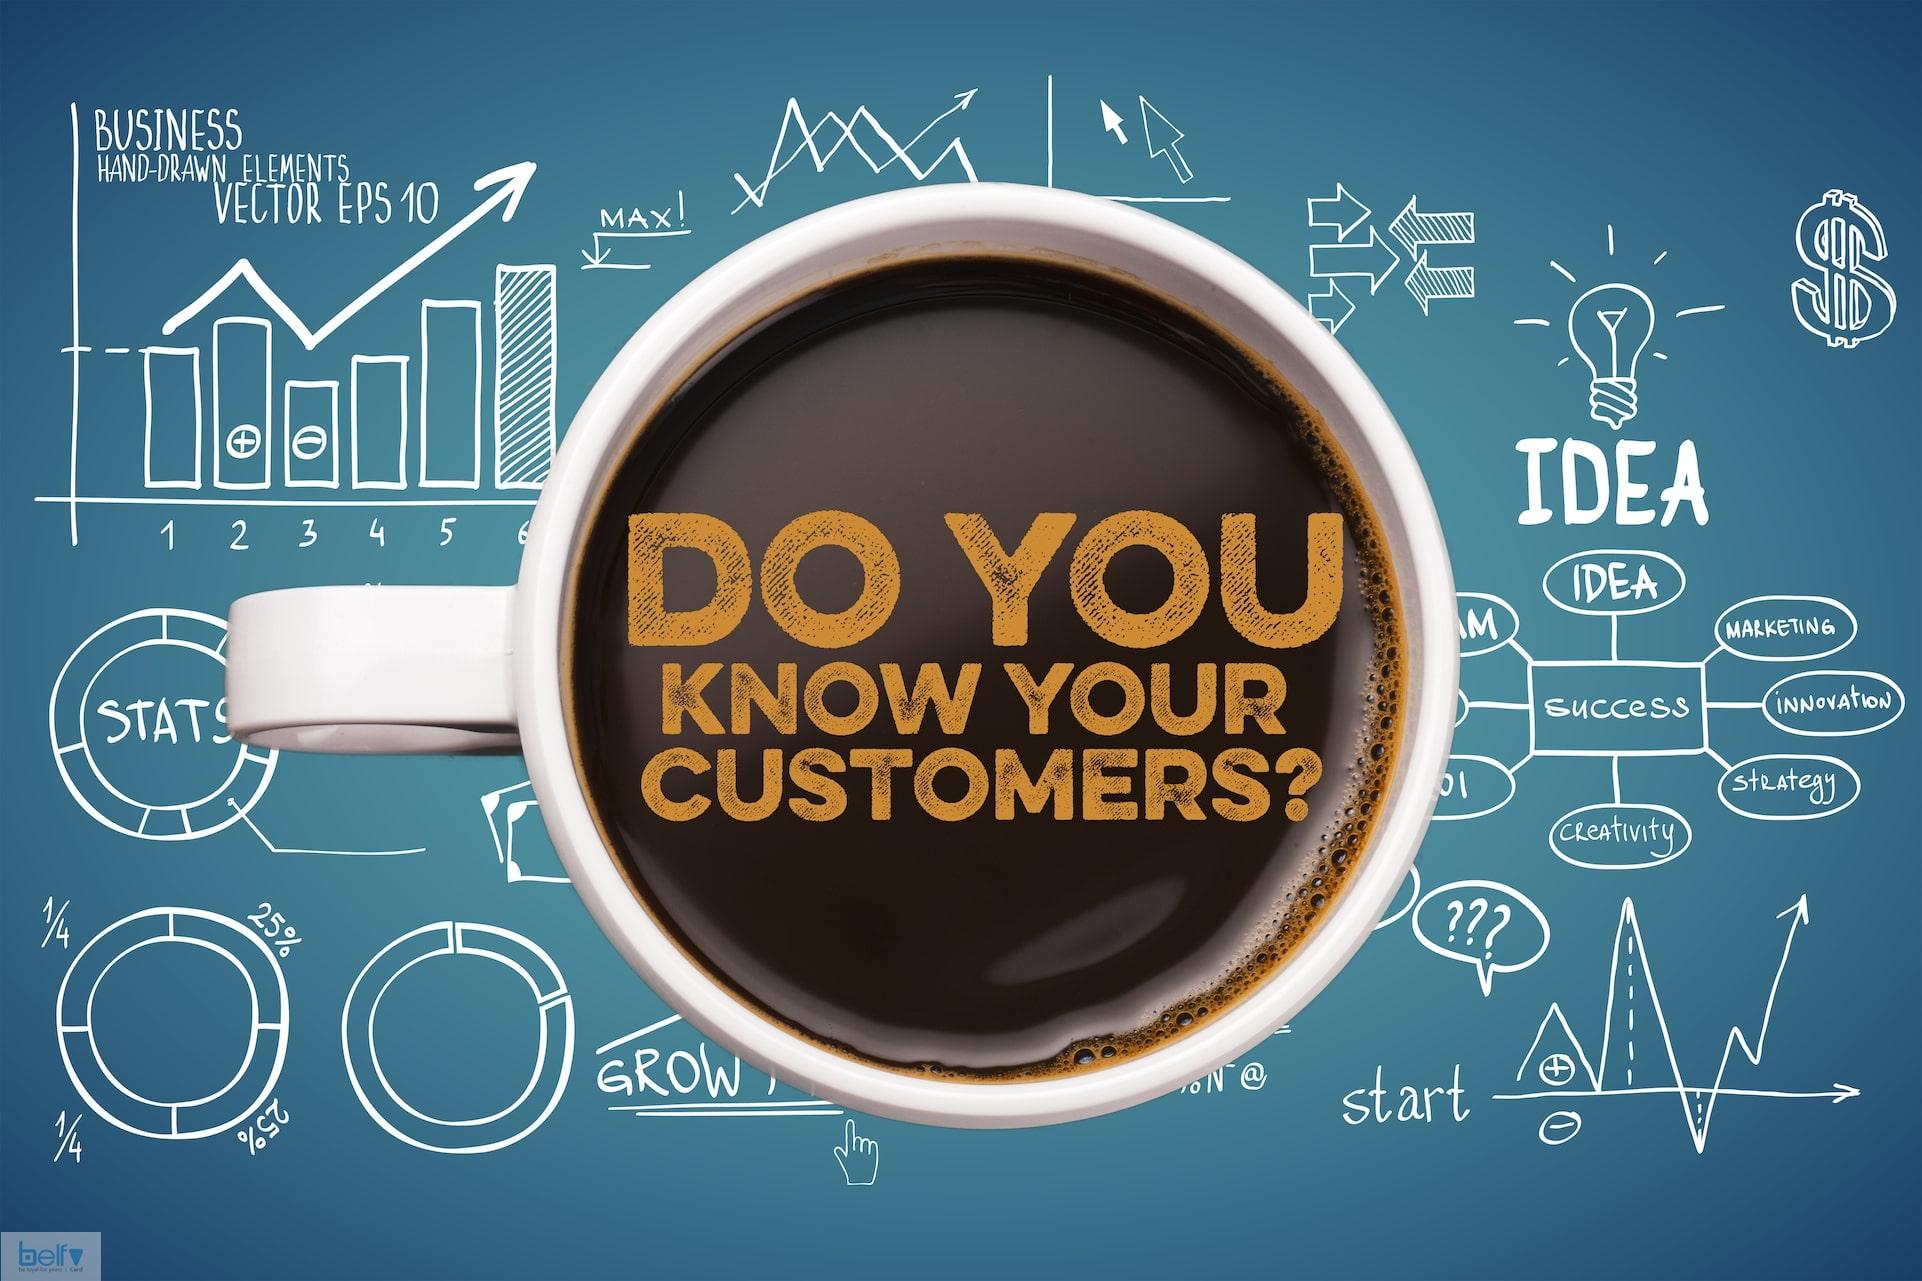 معیارهای مشتری مداری که کسب و کار شما باید از آن اطلاع داشته باشد